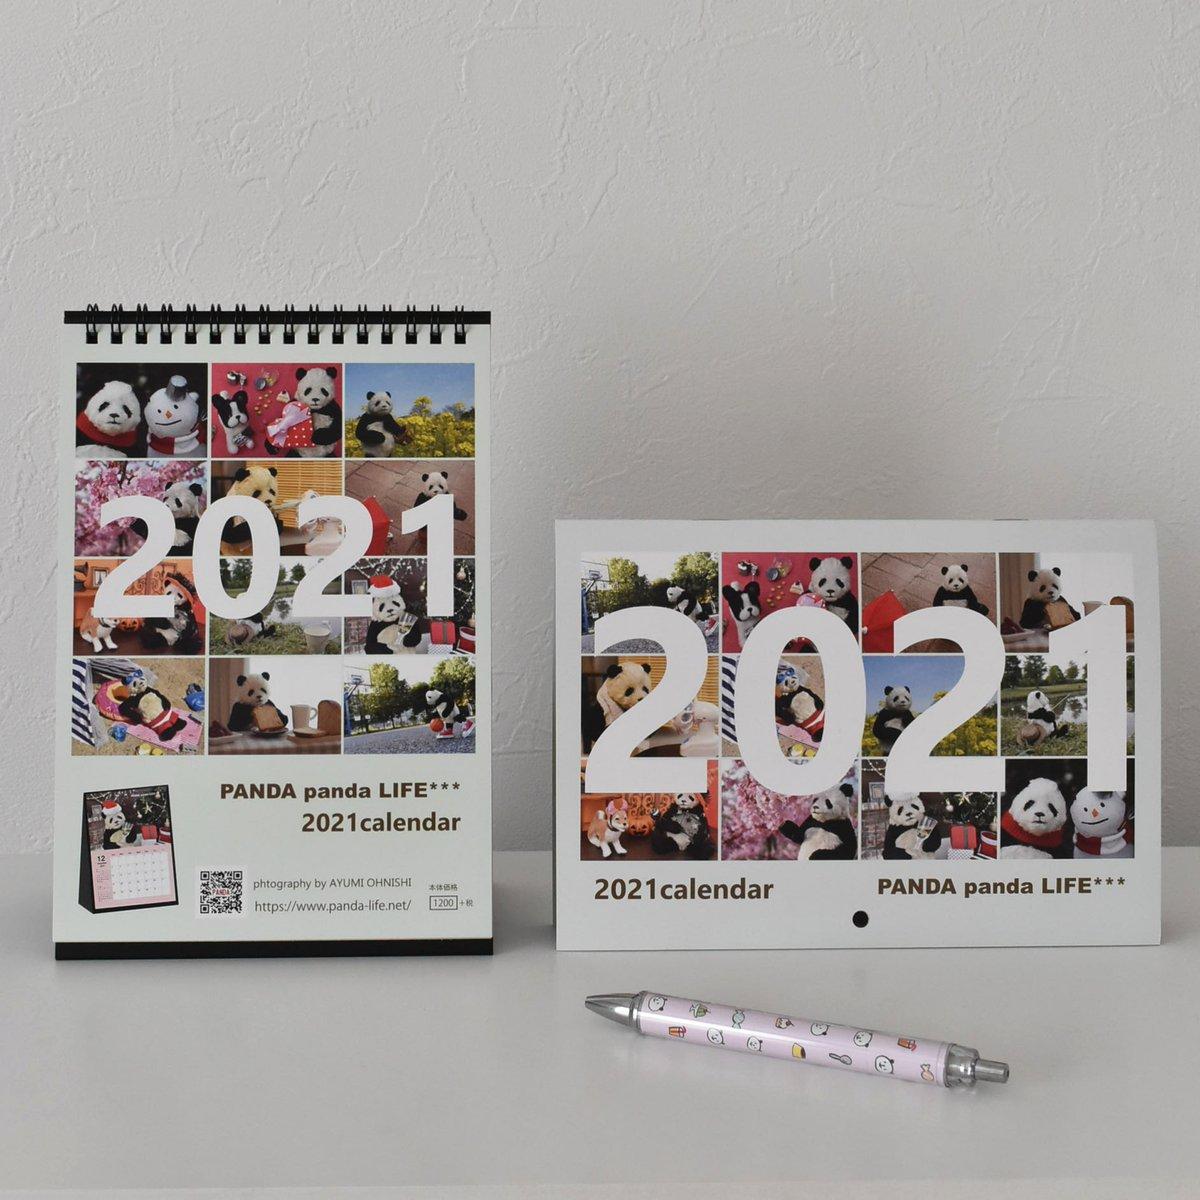 【お知らせ】 PANDA panda LIFE***2021年カレンダーをネットショップで販売開始しました!卓上カレンダーと、壁掛けカレンダーの2種類! ネットショップはこちら→https://t.co/yU7E9Y0IS7  もふもふした毛並みの立体刺繍ブローチもアップしました🐼色々な種類があるので、一度のぞいてみてください♪ https://t.co/8xf95ty09k